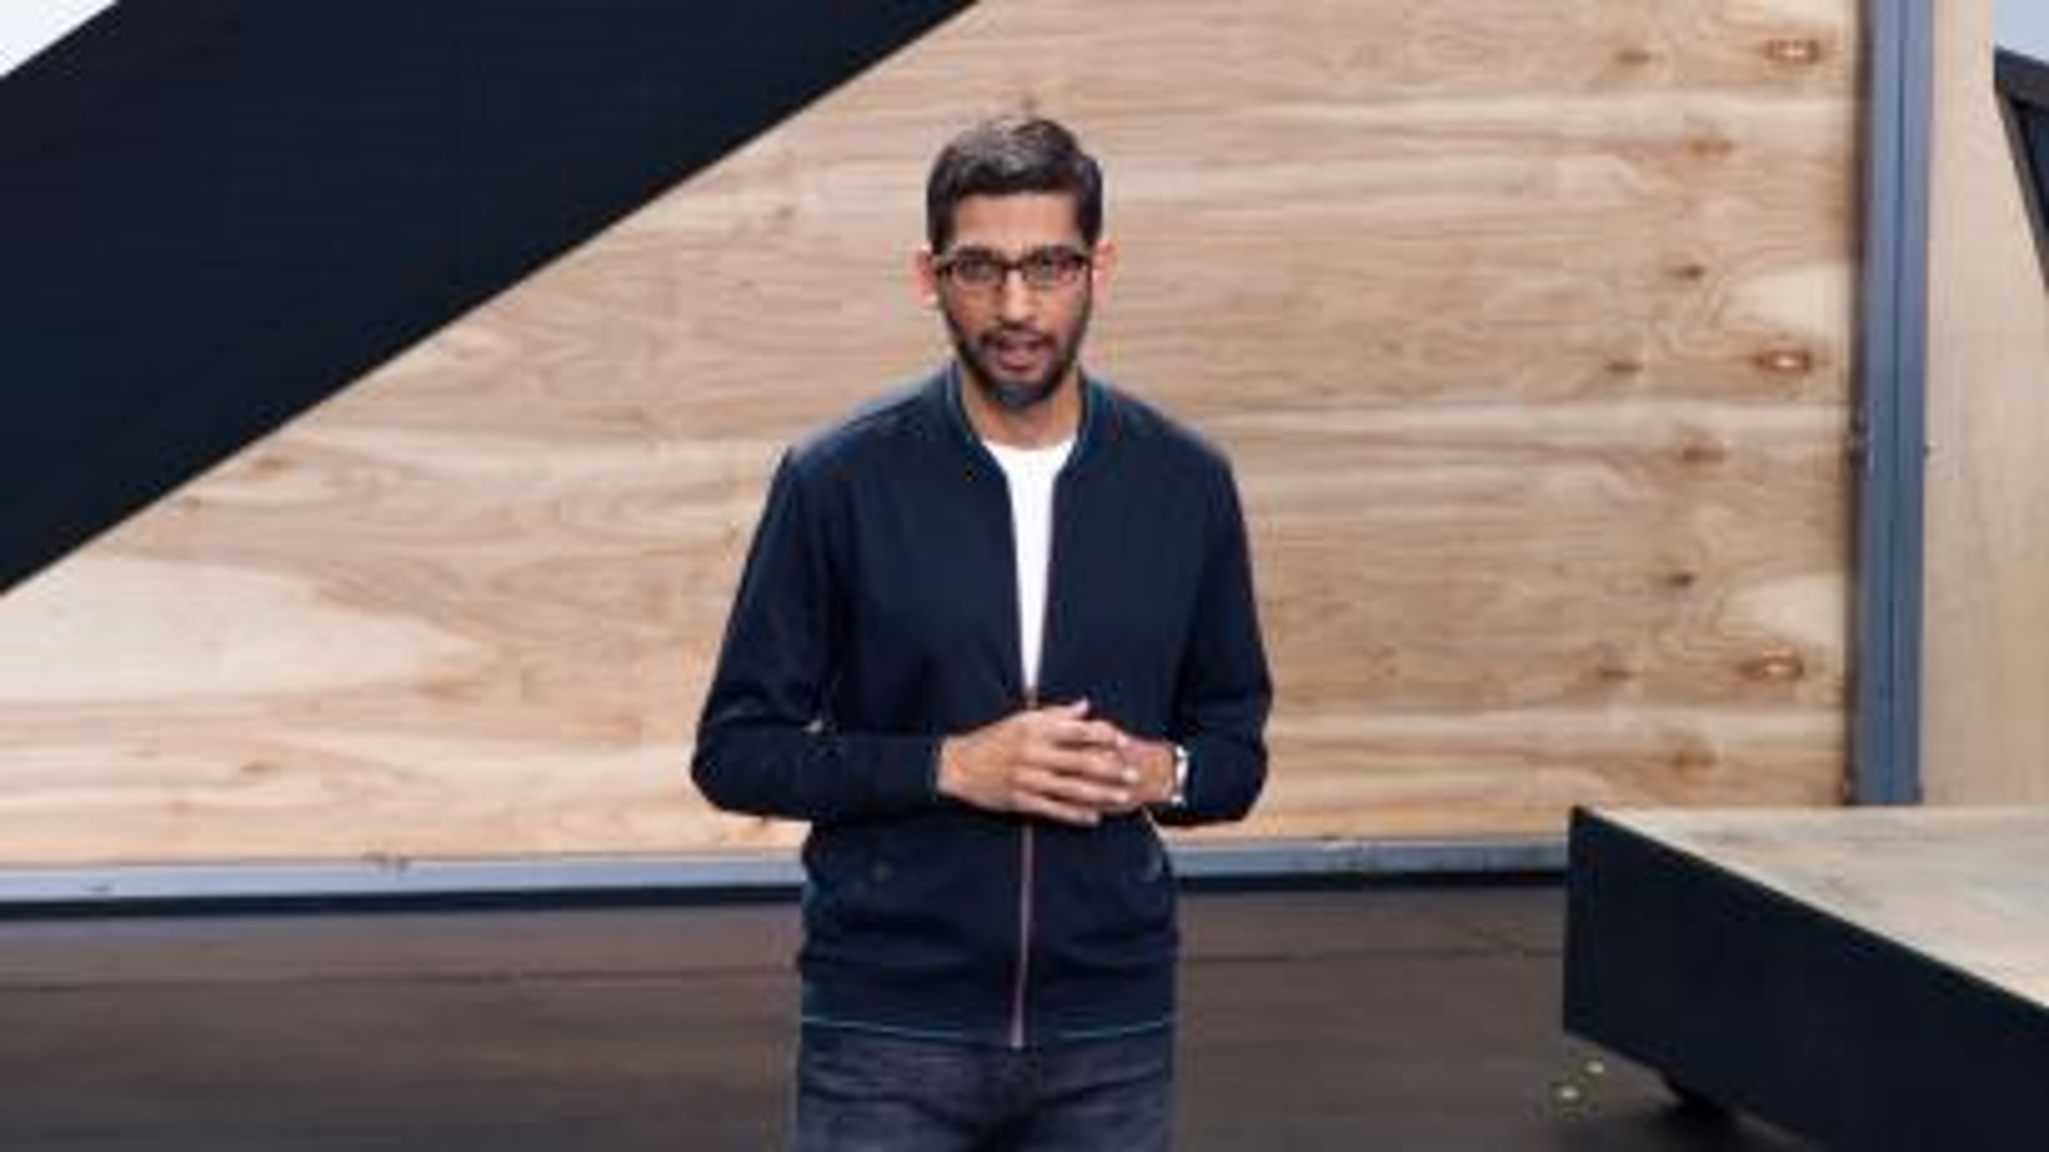 sundar pichai google ceo google i/o 2016 developer conference